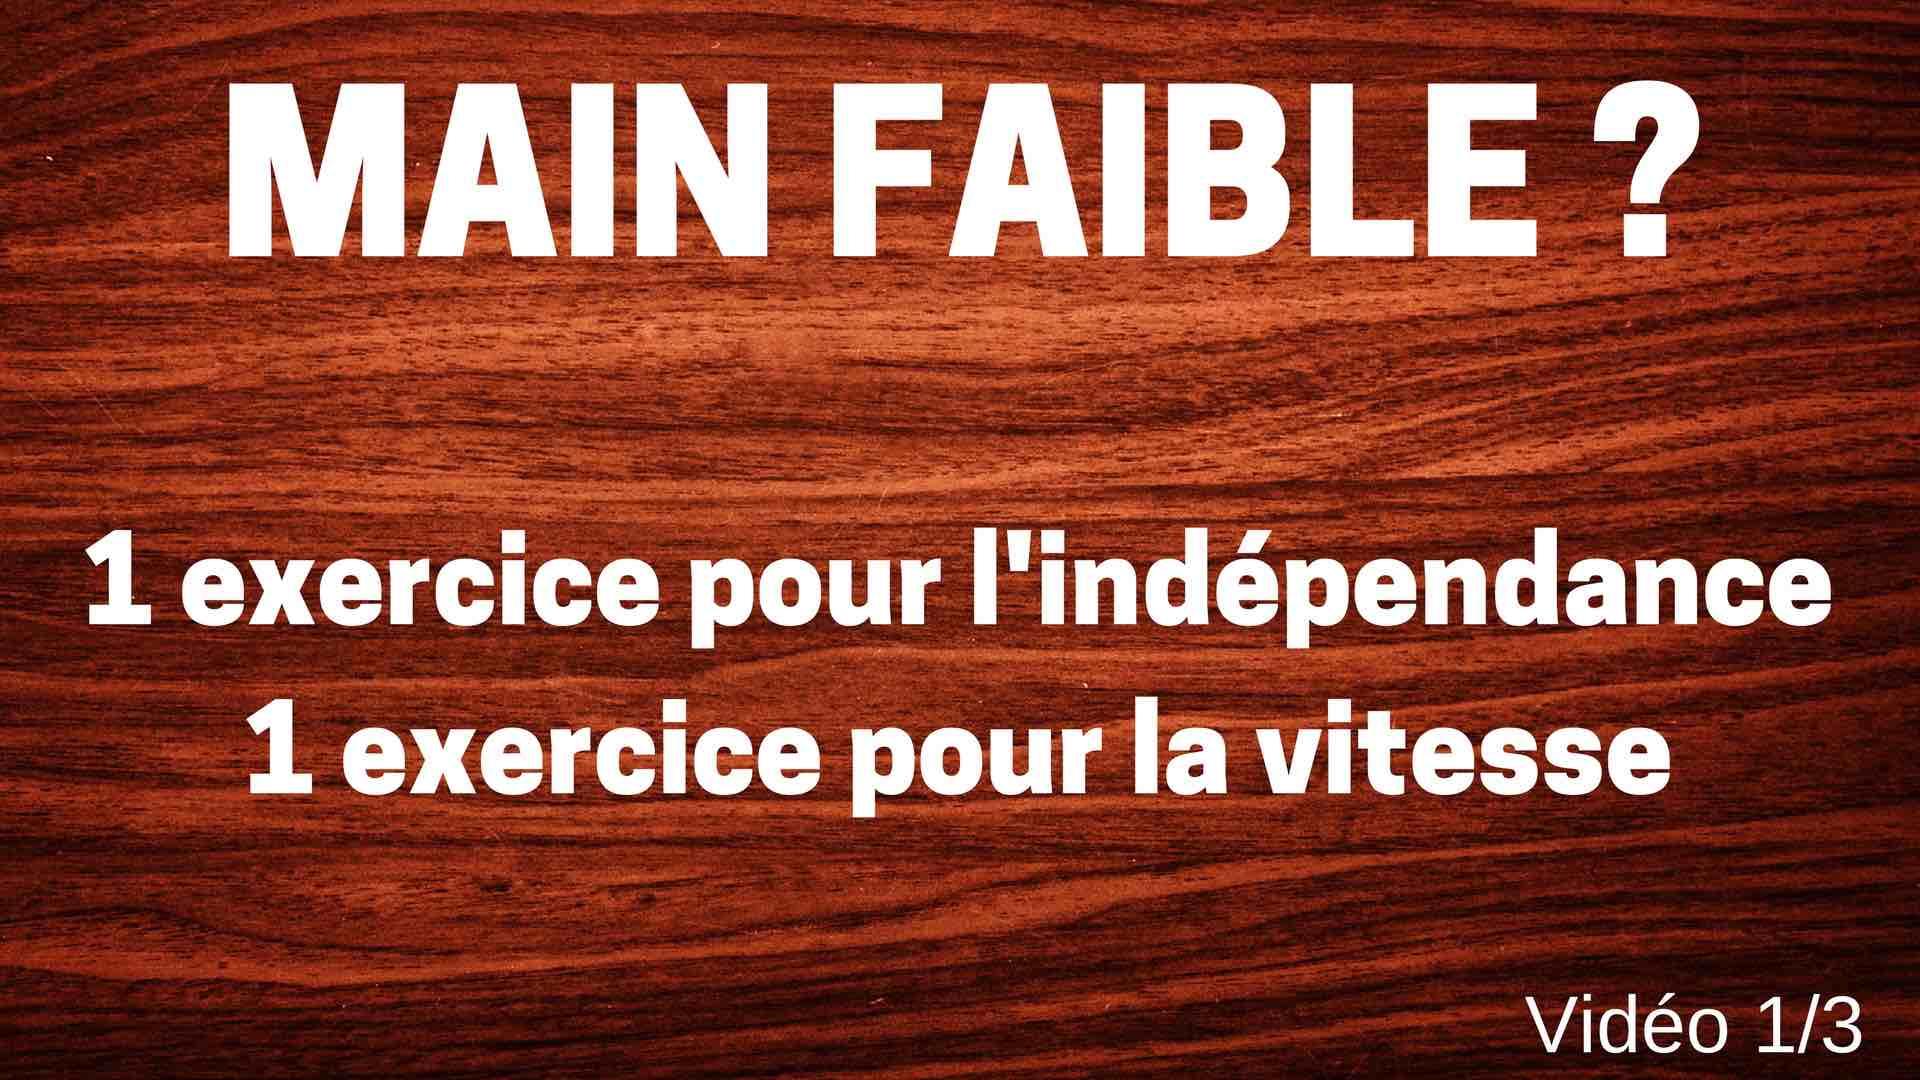 Main Faible : 2 exercices (avec leurs pdf) pour travailler l'indépendance et la vitesse. Vidéo 1/3